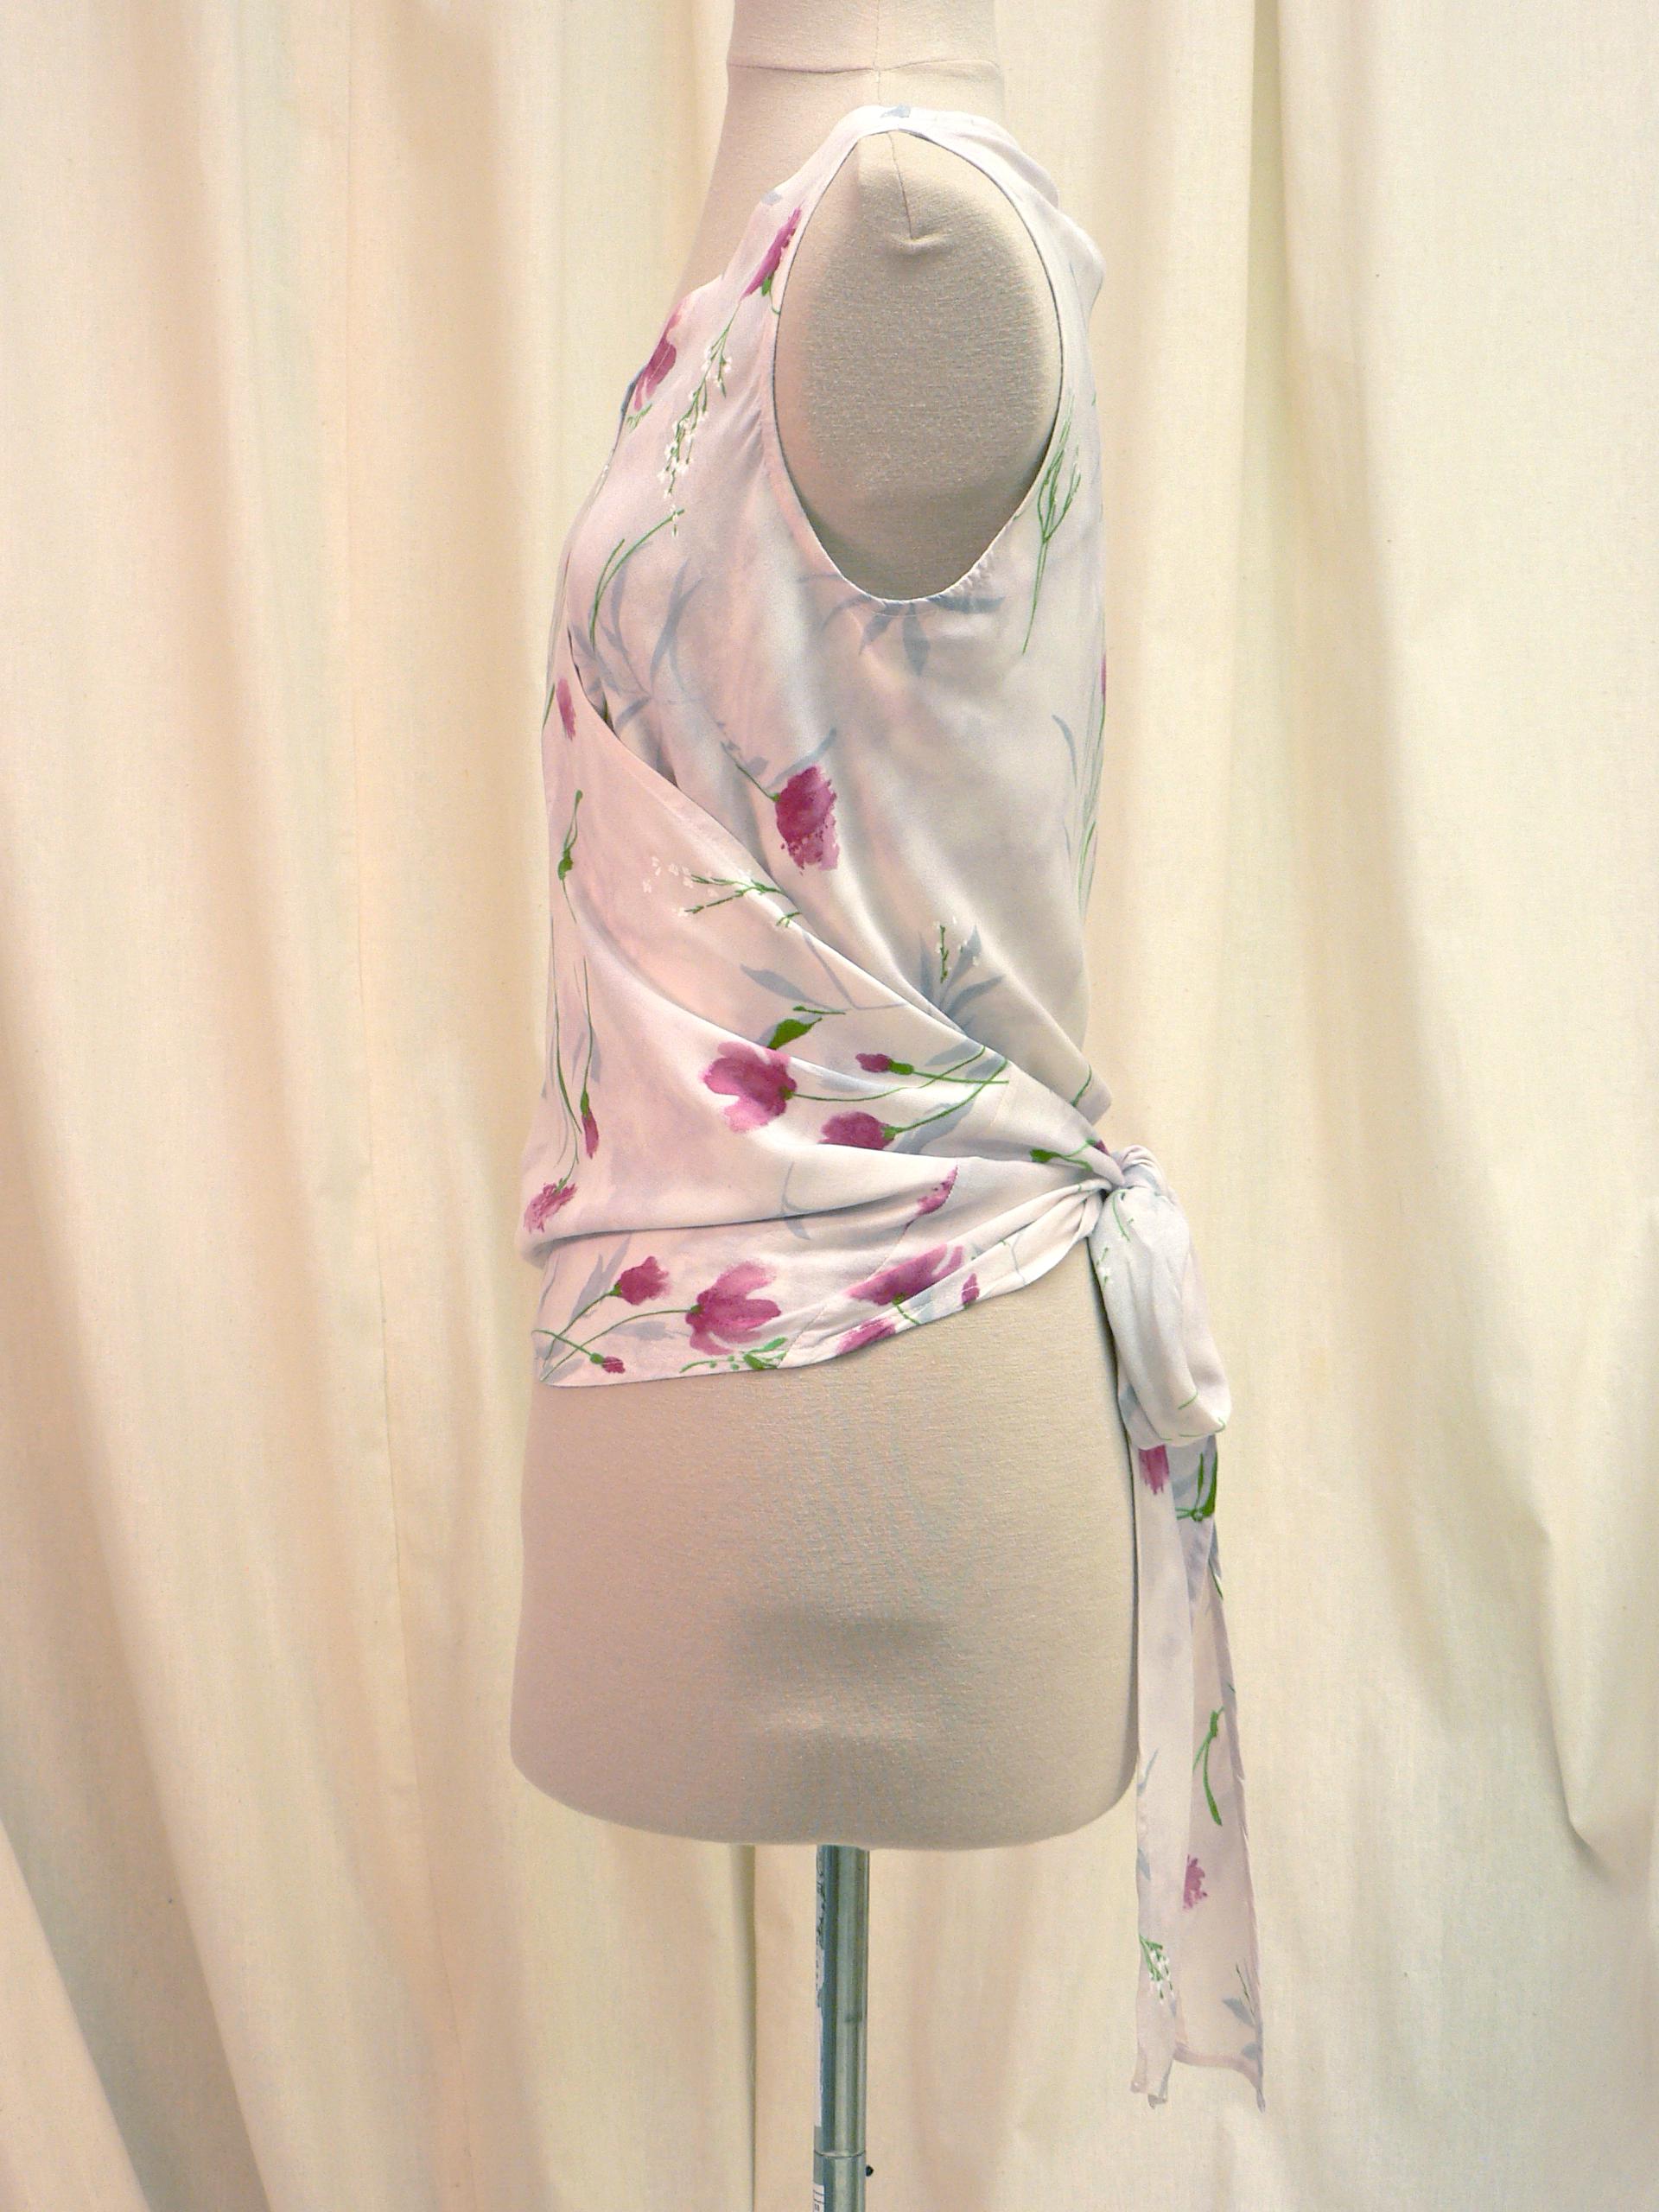 blouse08_side.jpg